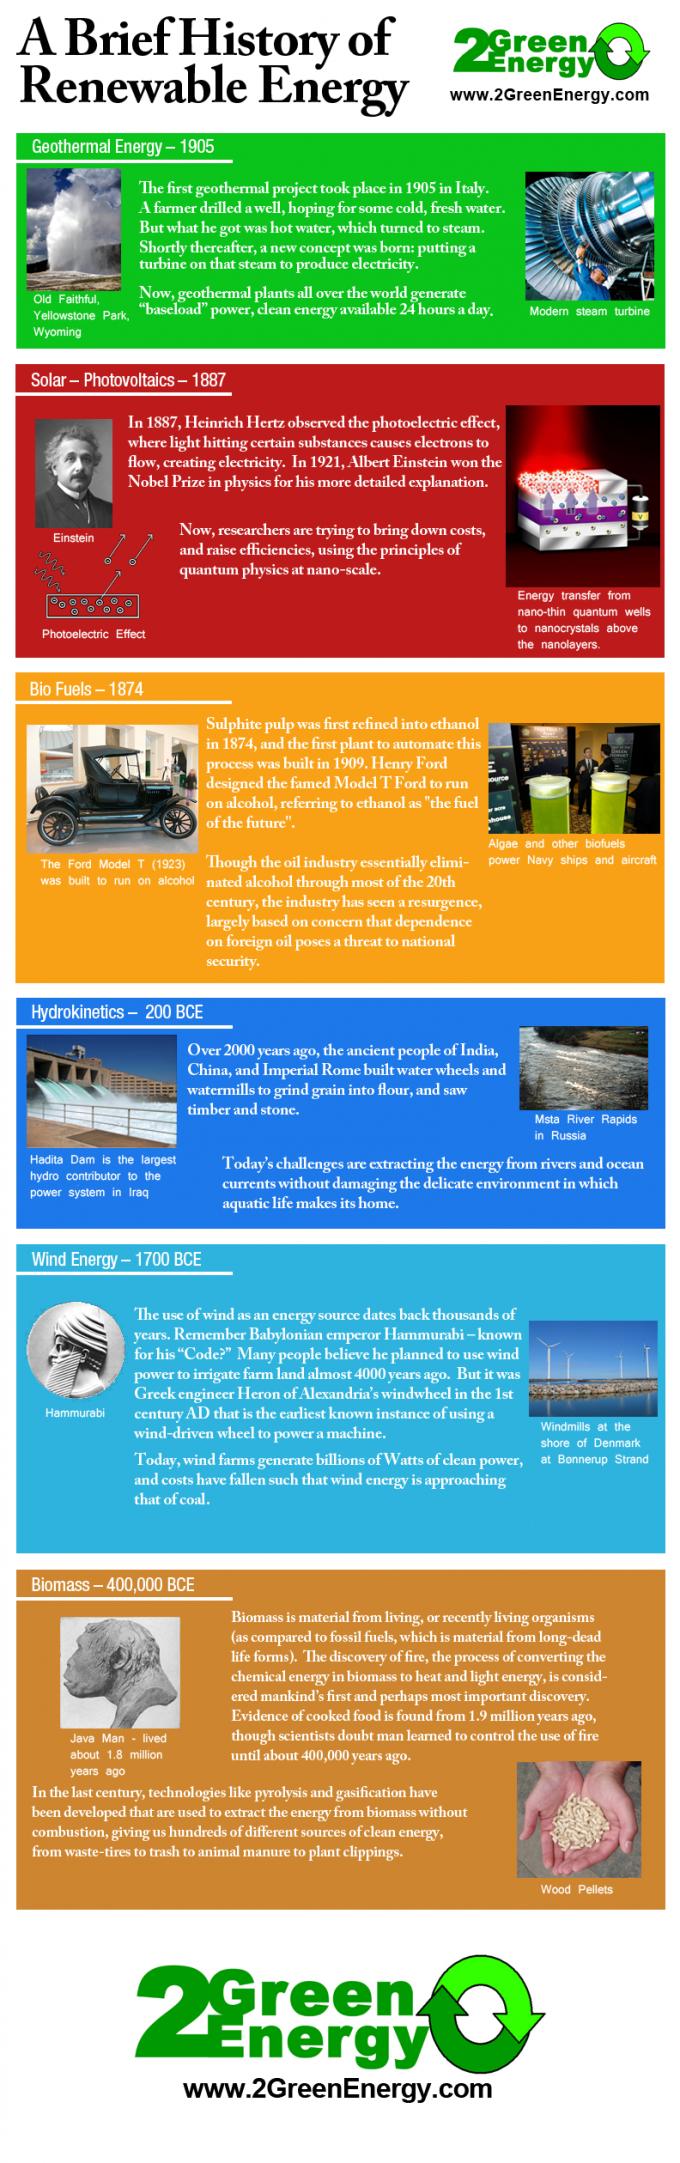 History of Renewable Energy